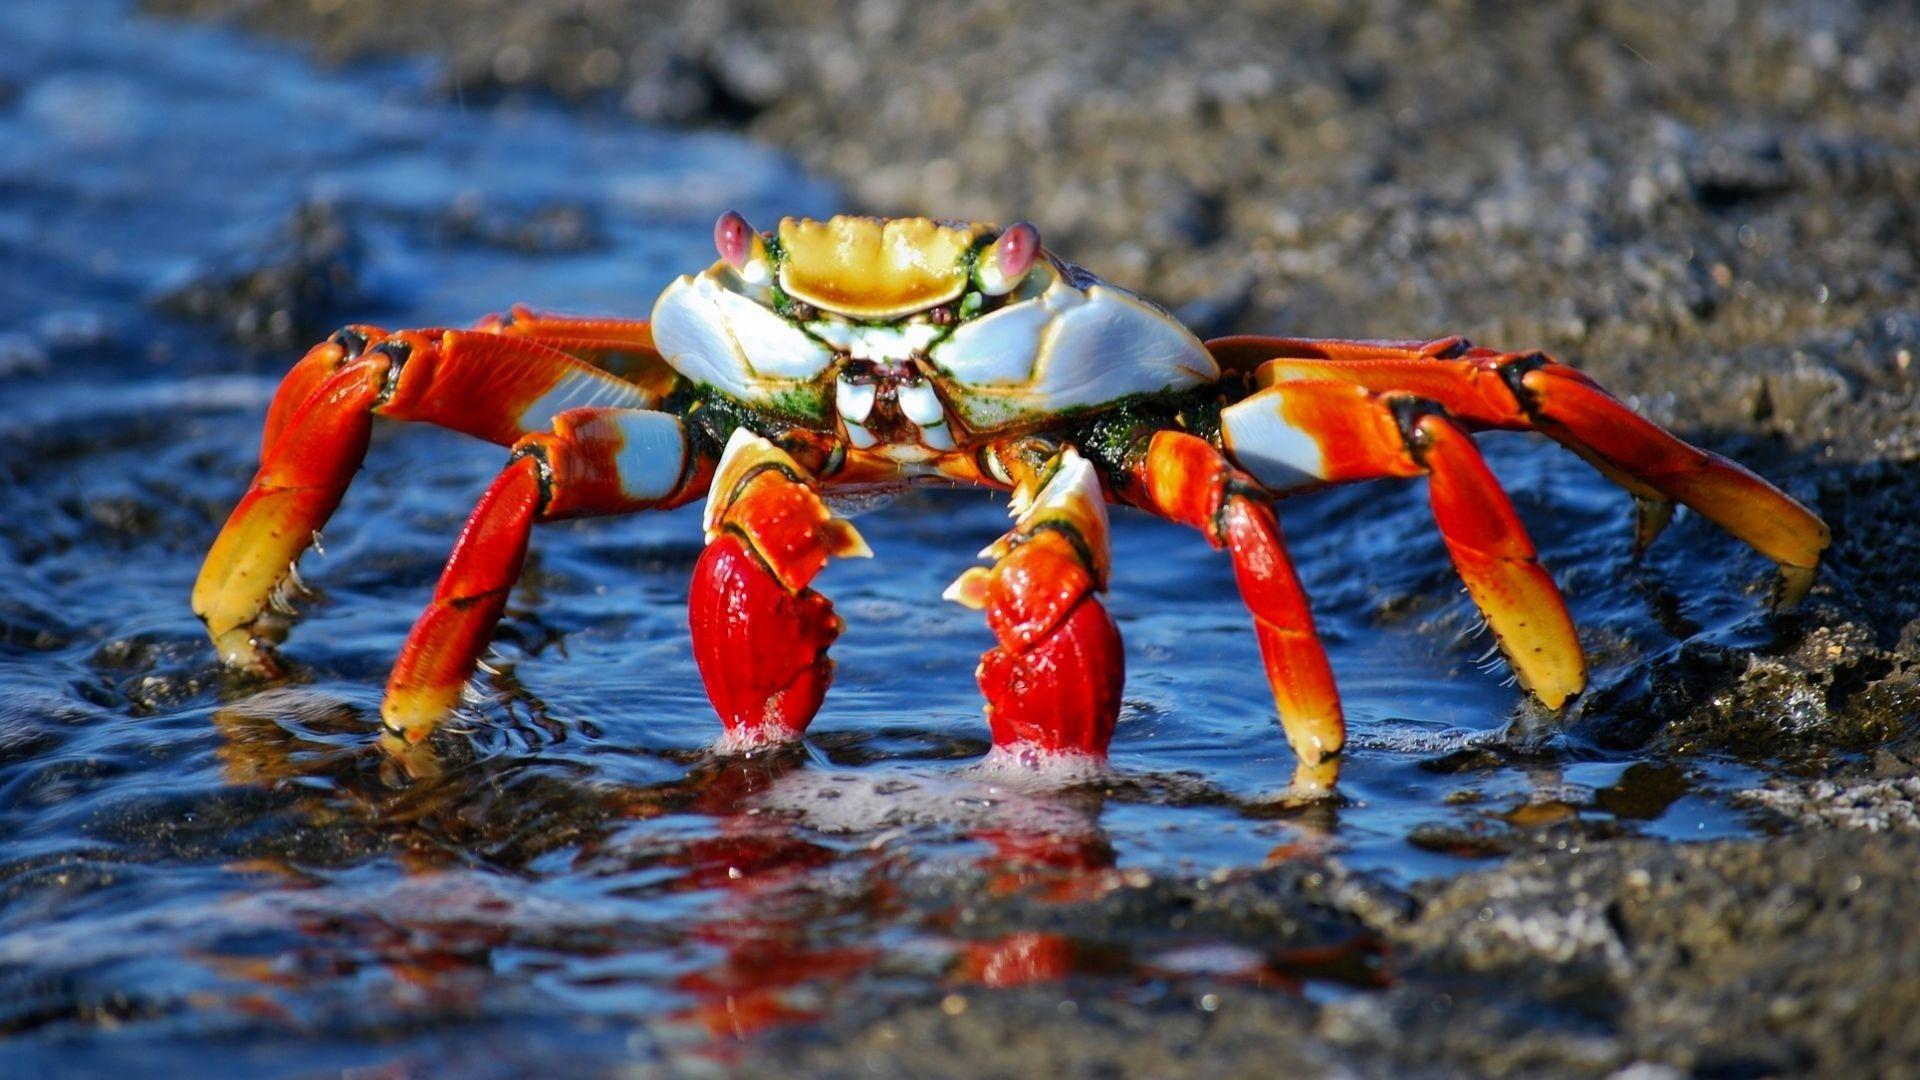 Crab 1080p Wallpaper